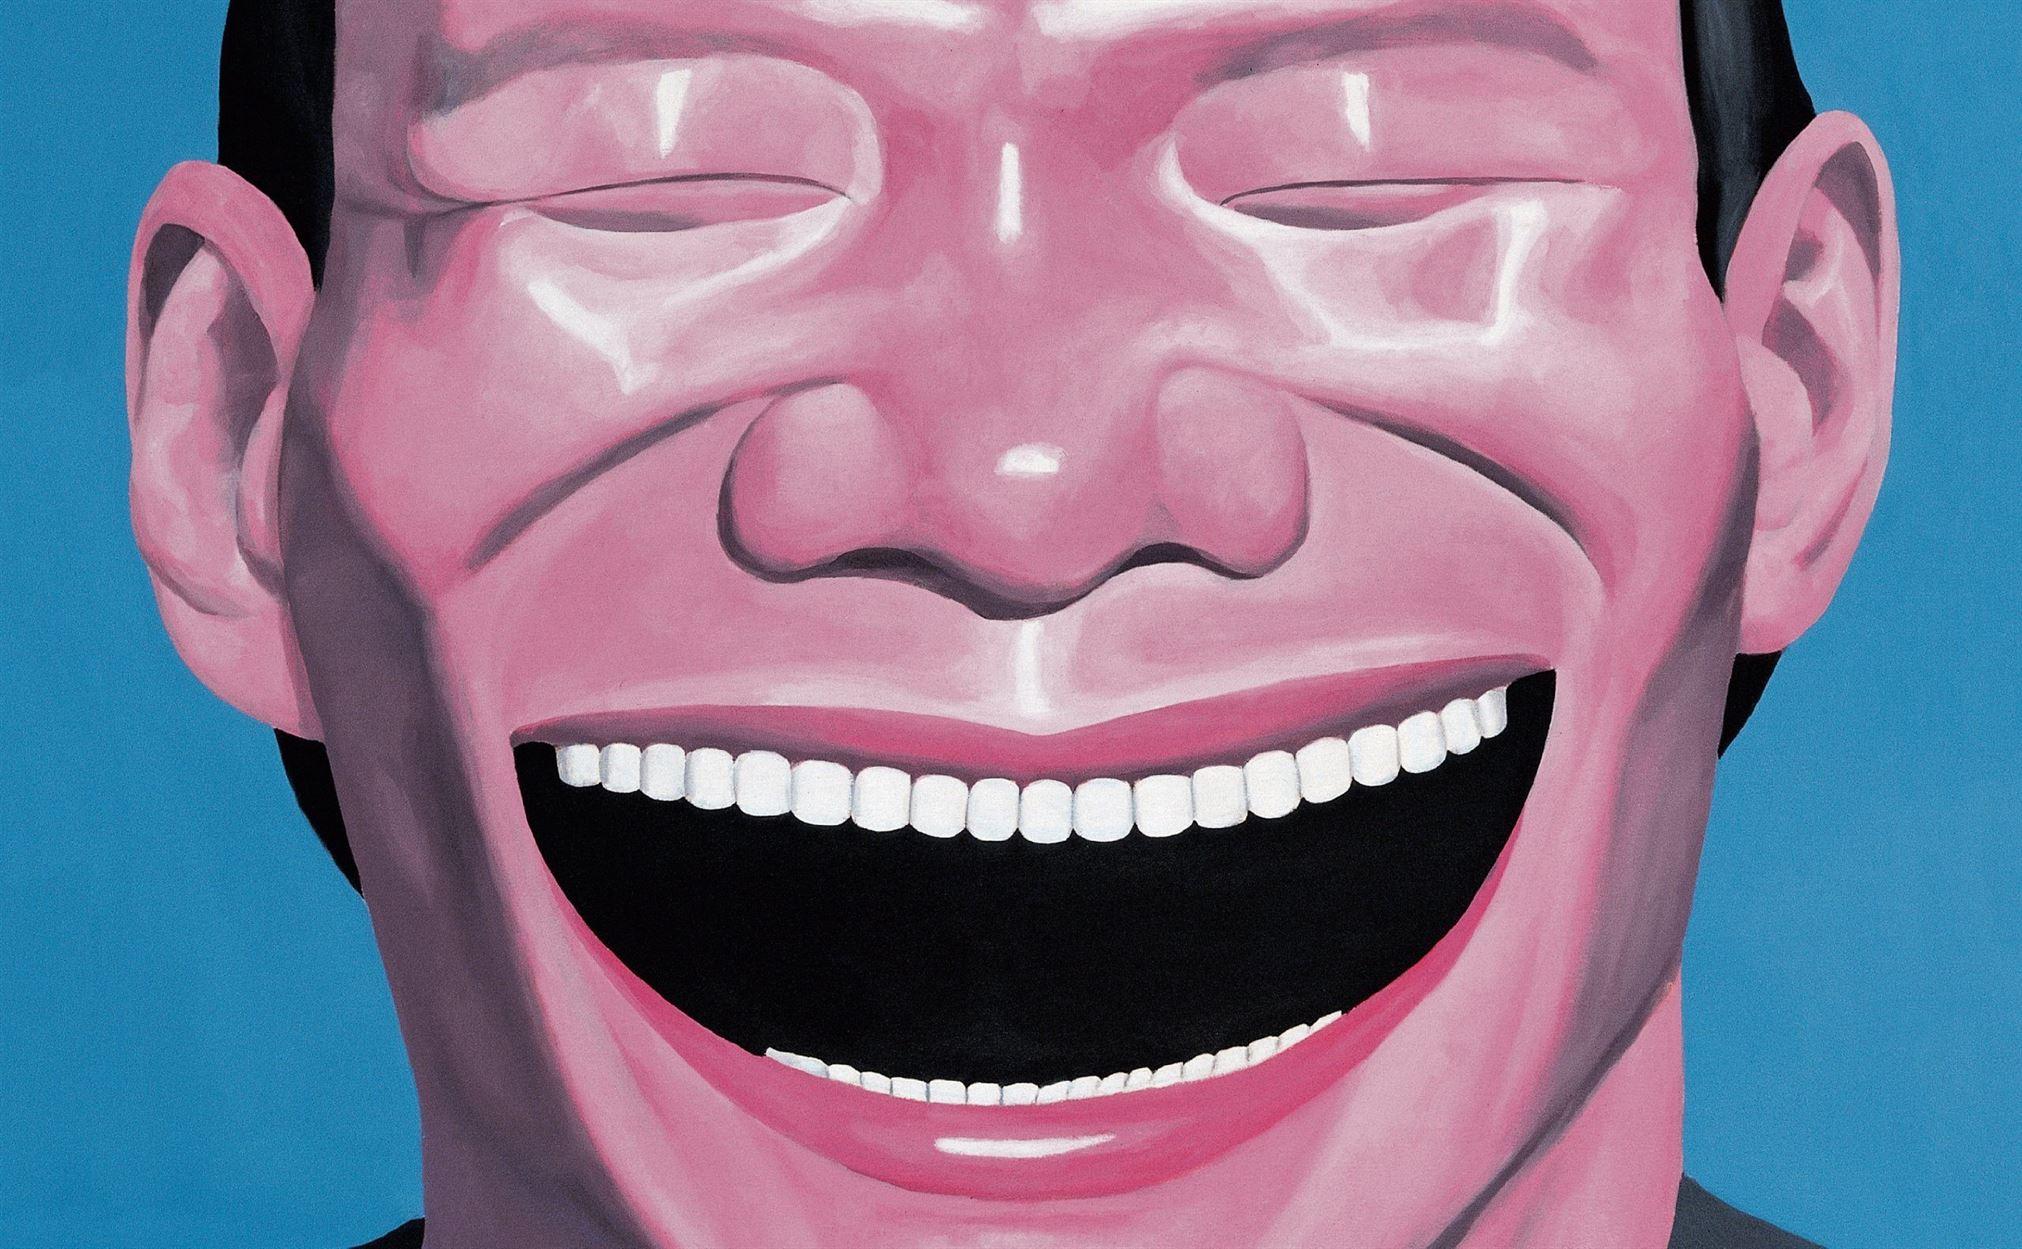 מאחורי החיוך הצבוע